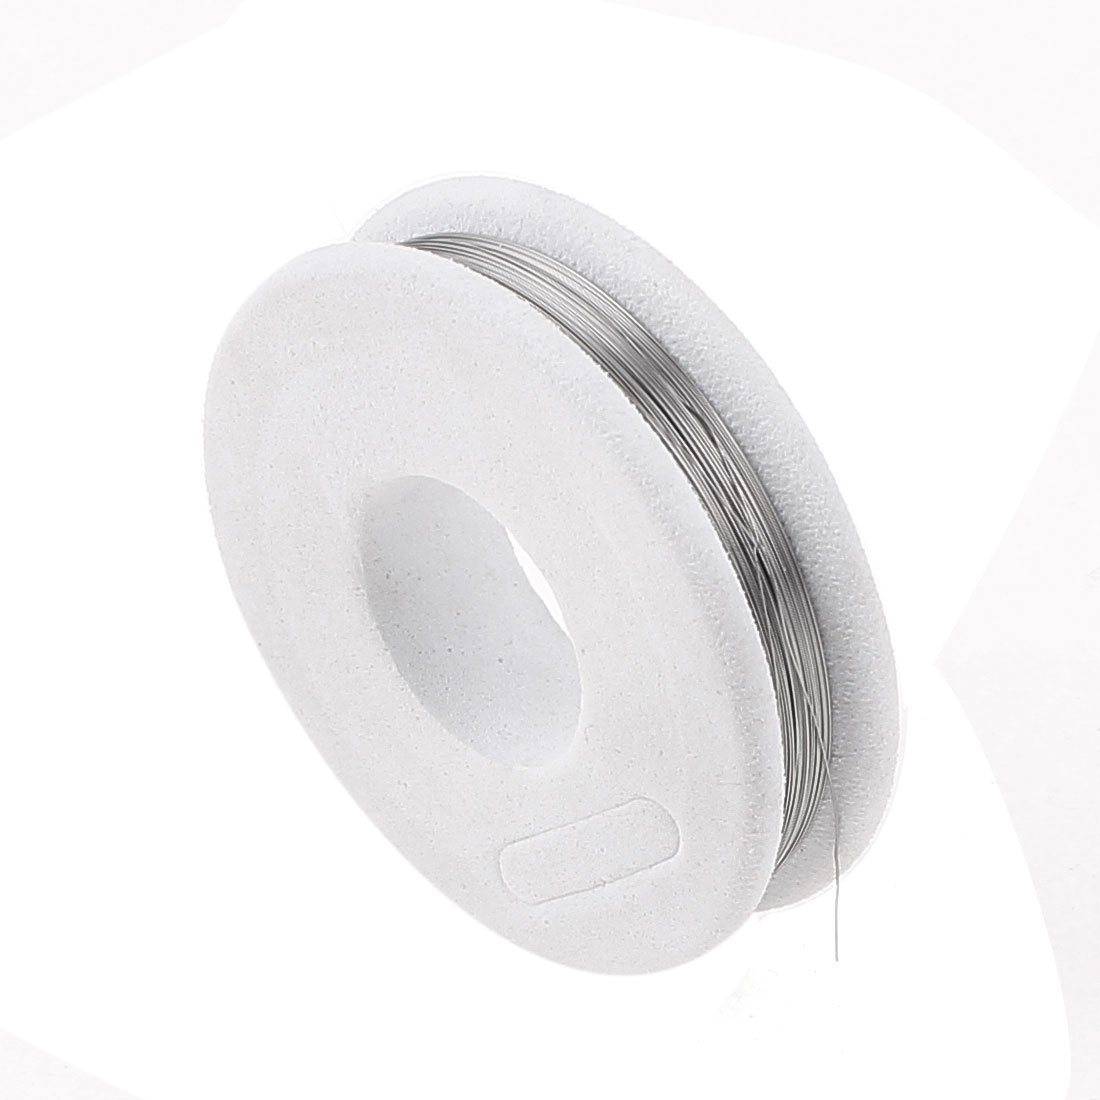 FeCrAl Wire 0, 15 millimetri 35 AWG Sezione 49.21ft Rotolo riscaldatore filo Bianco: Amazon.com: Industrial & Scientific